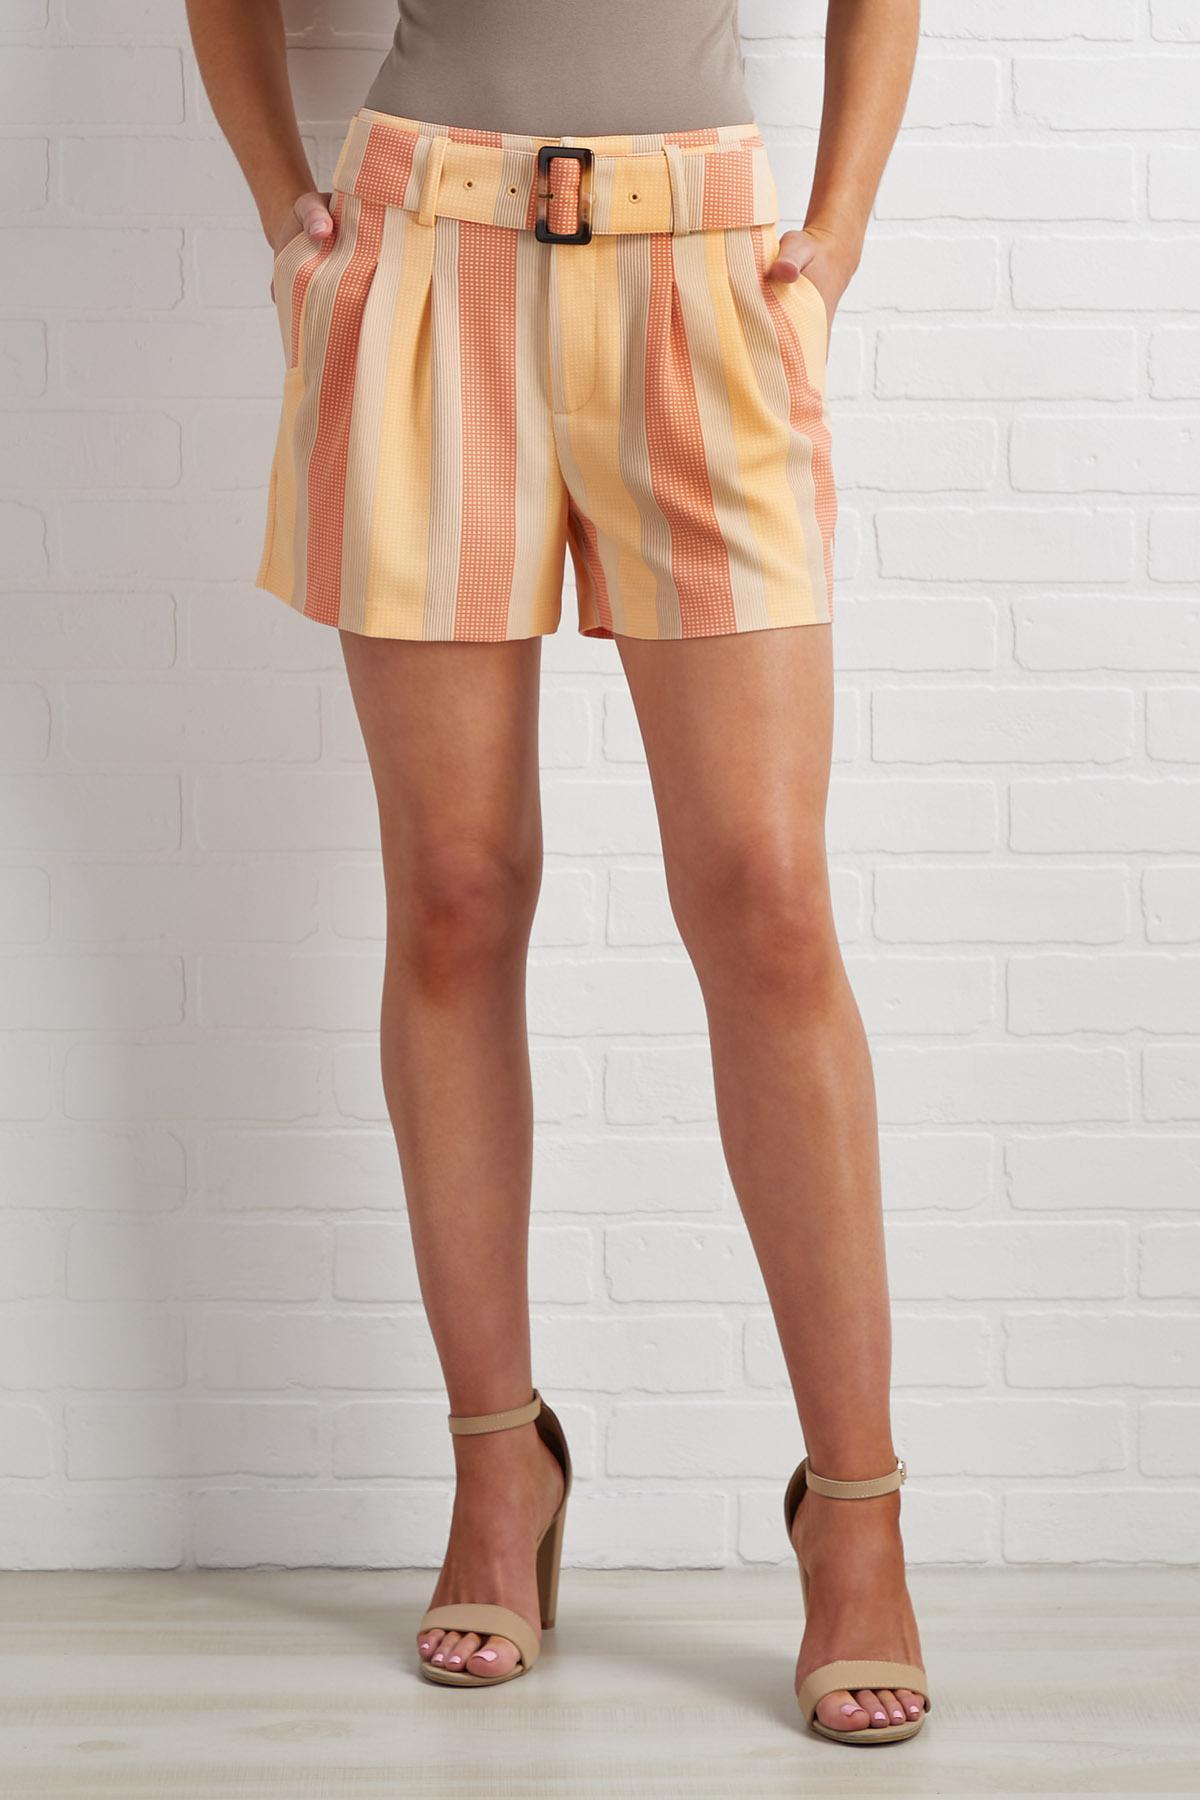 Sunrise Striped Shorts